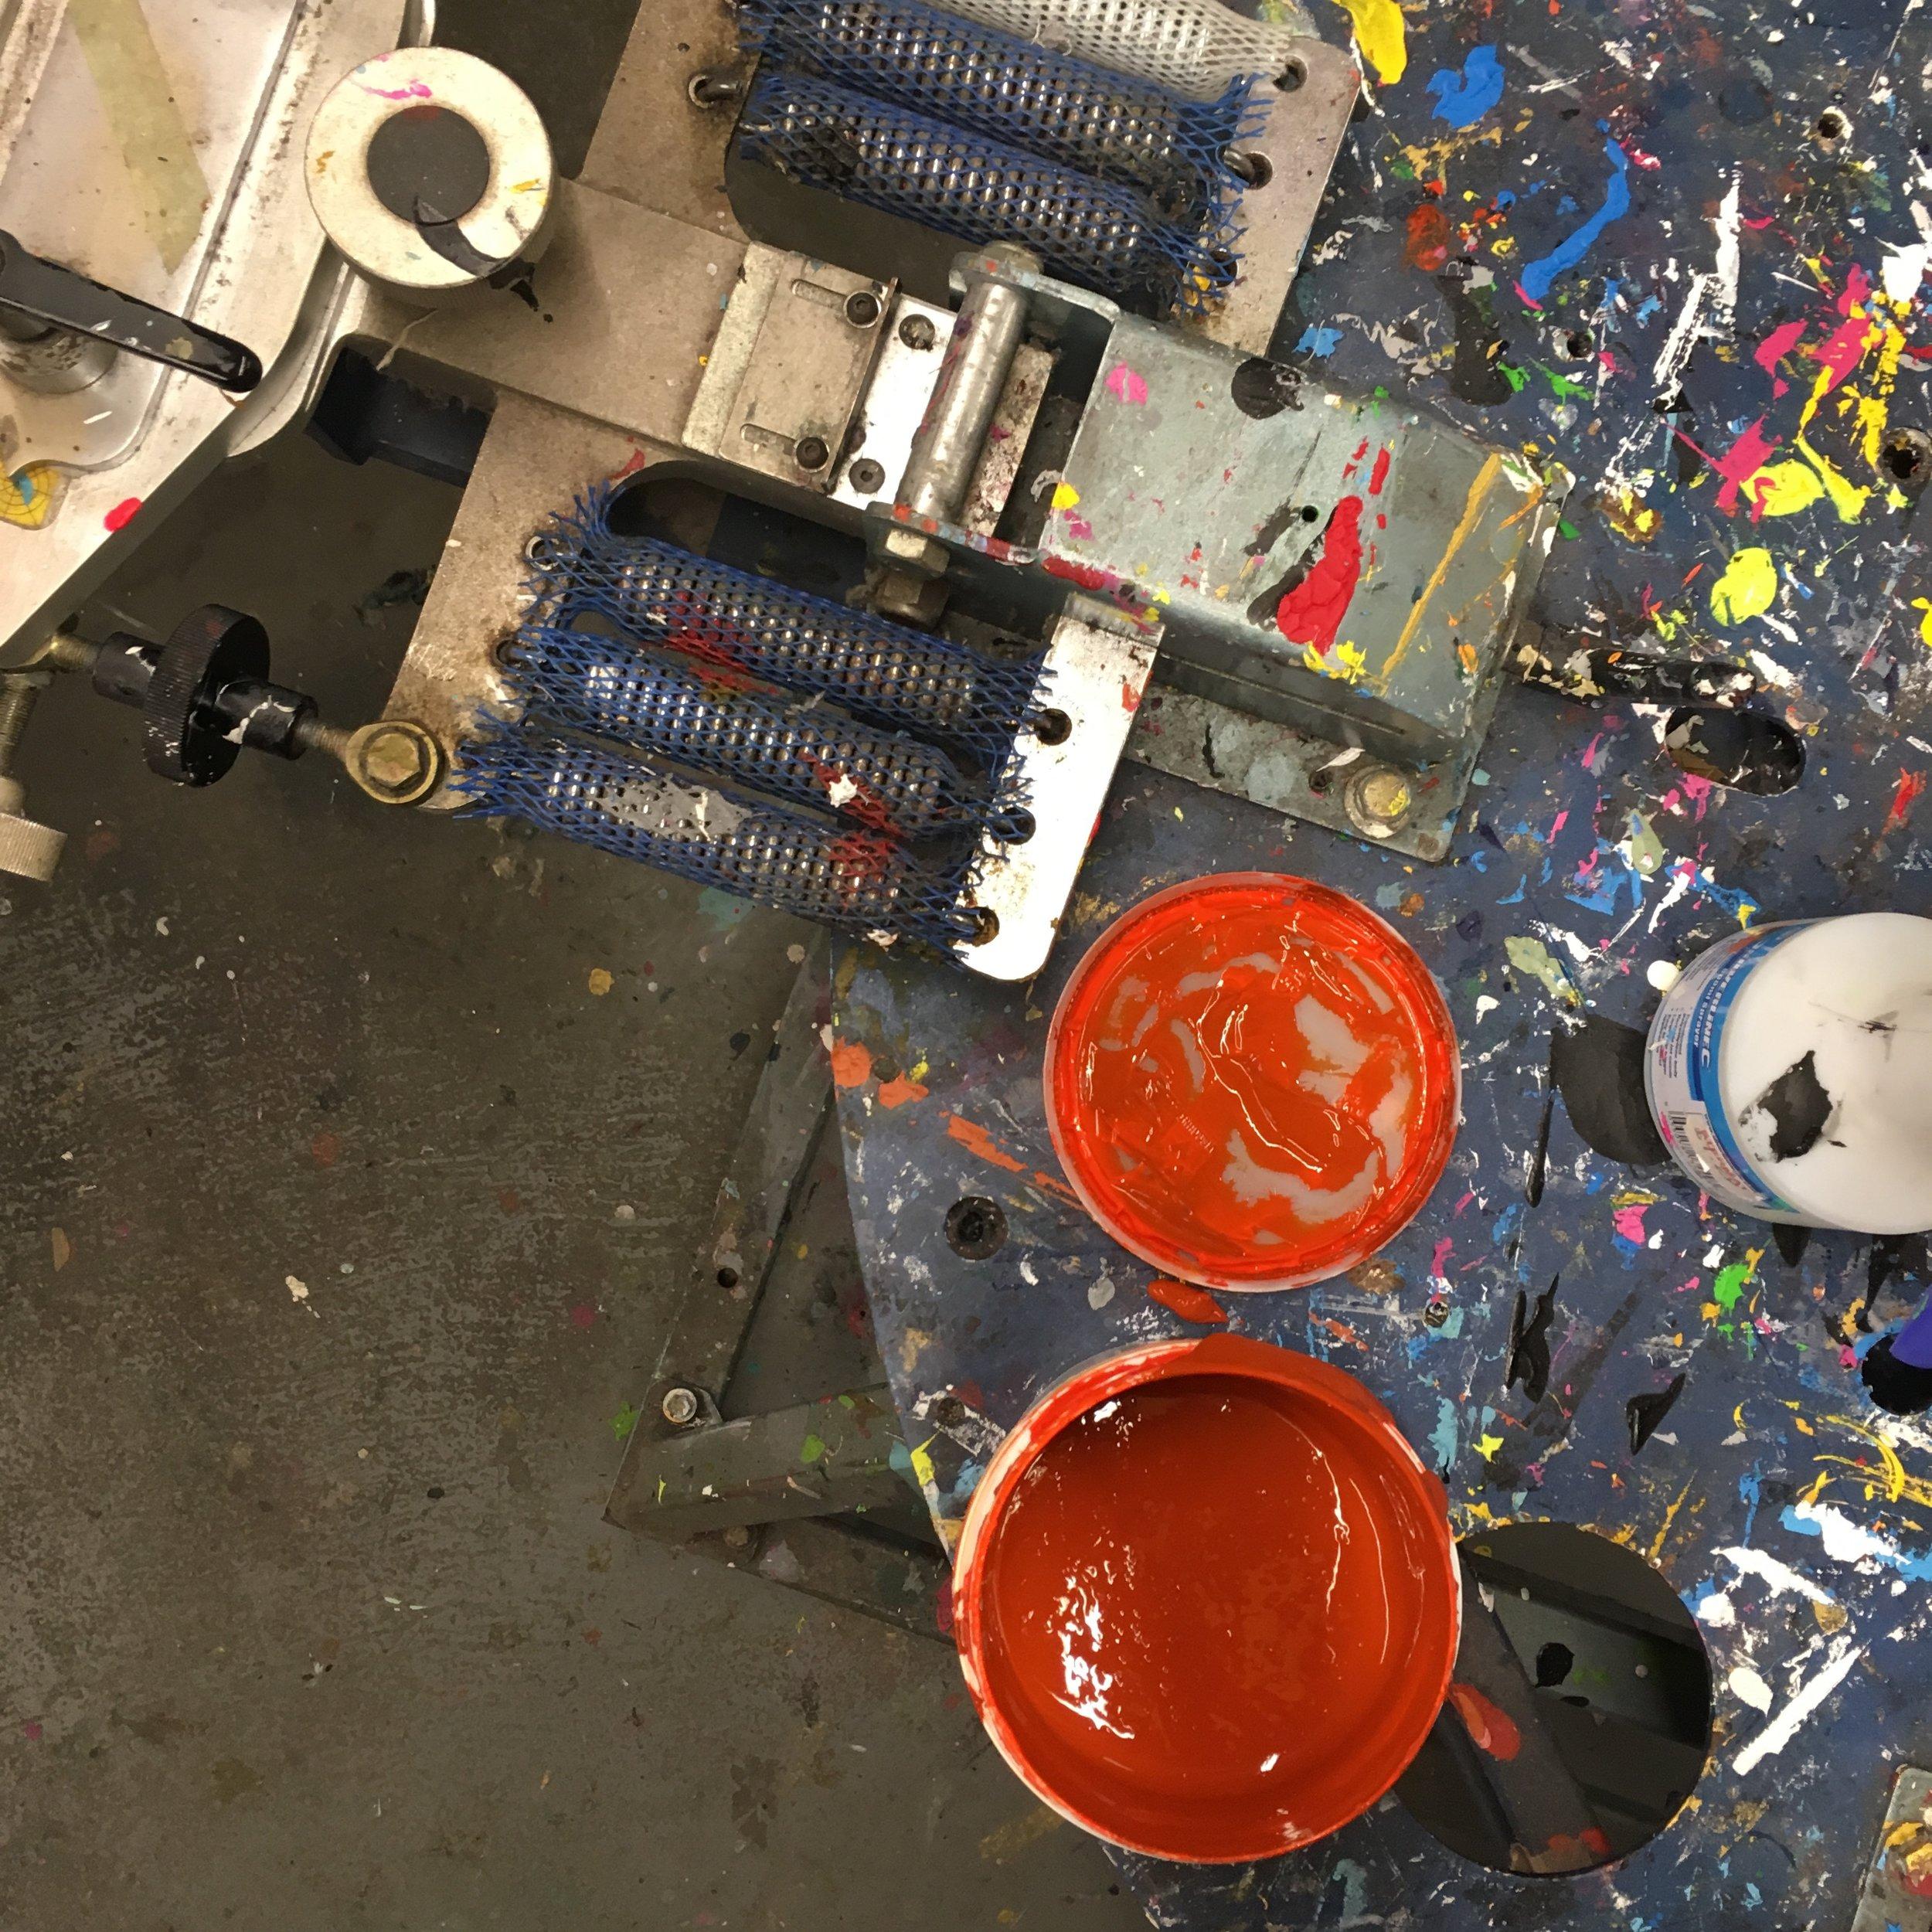 tshirt printing press.JPG